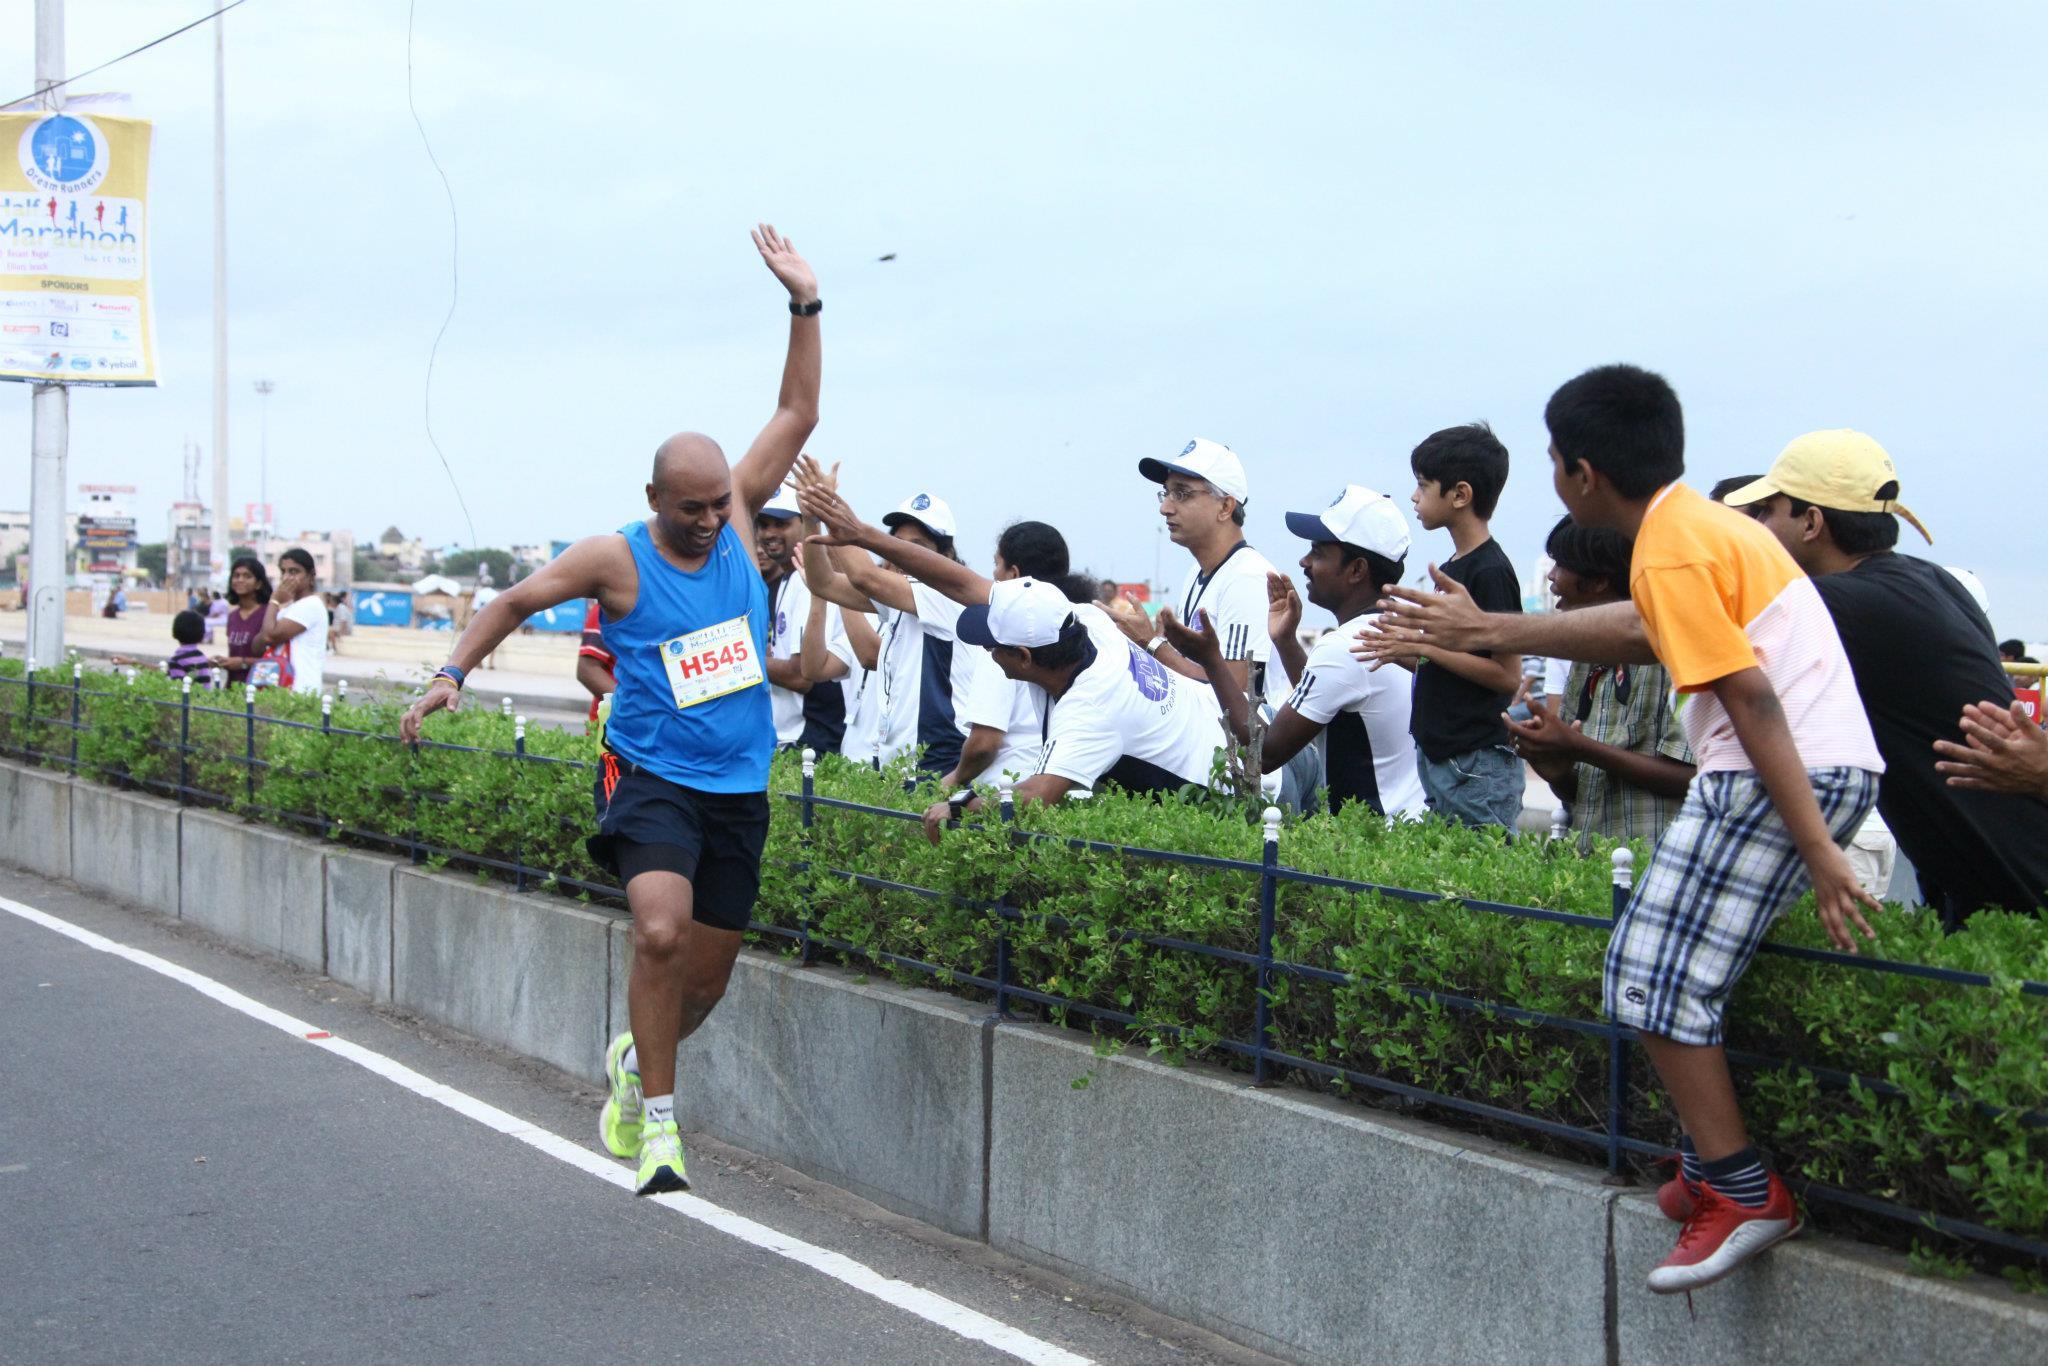 Running To Inspire